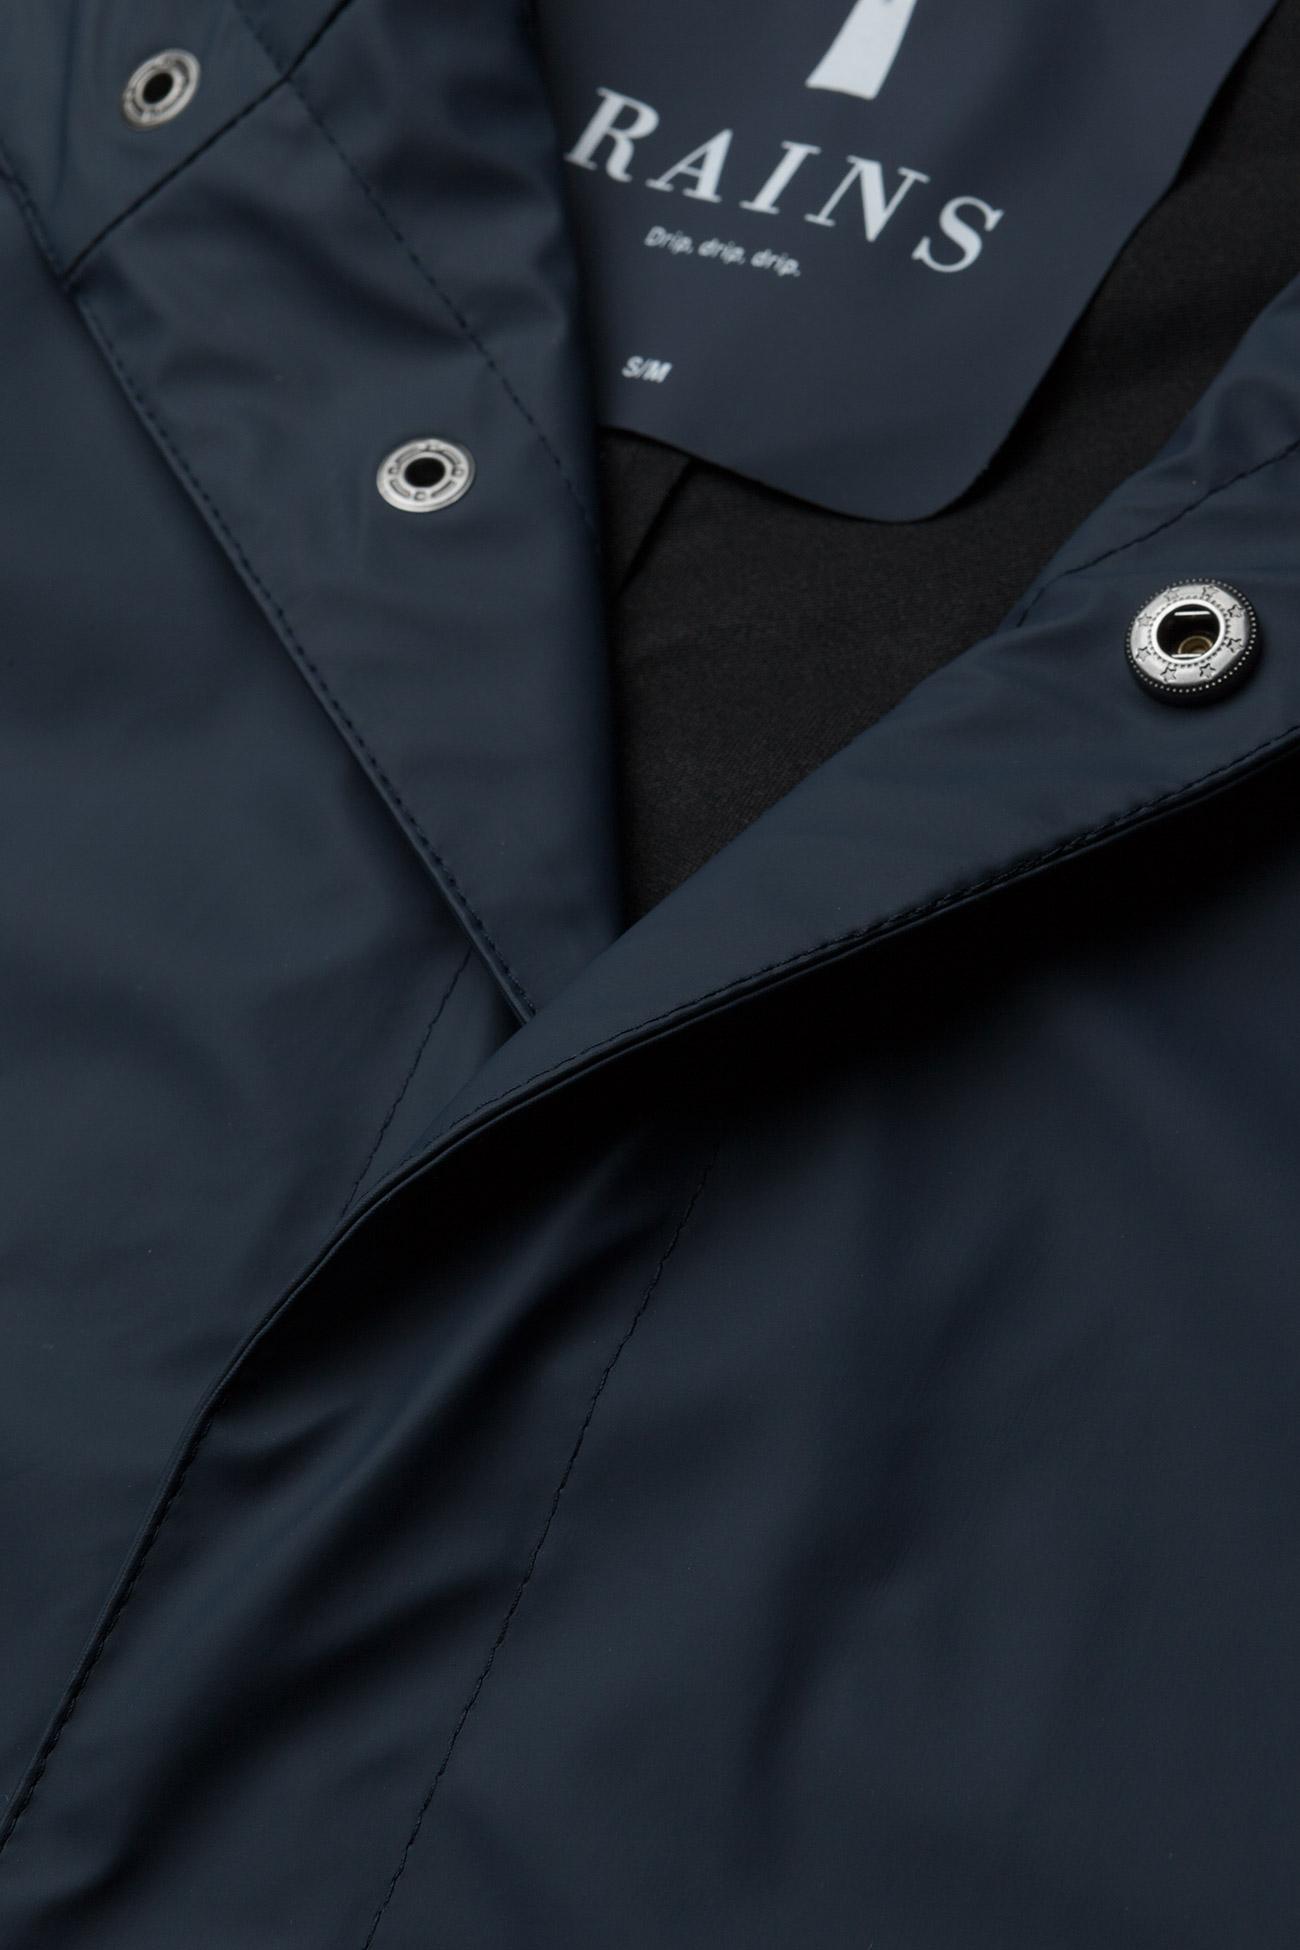 Rains Coat - Jakker og frakker 02 BLUE - Menn Klær